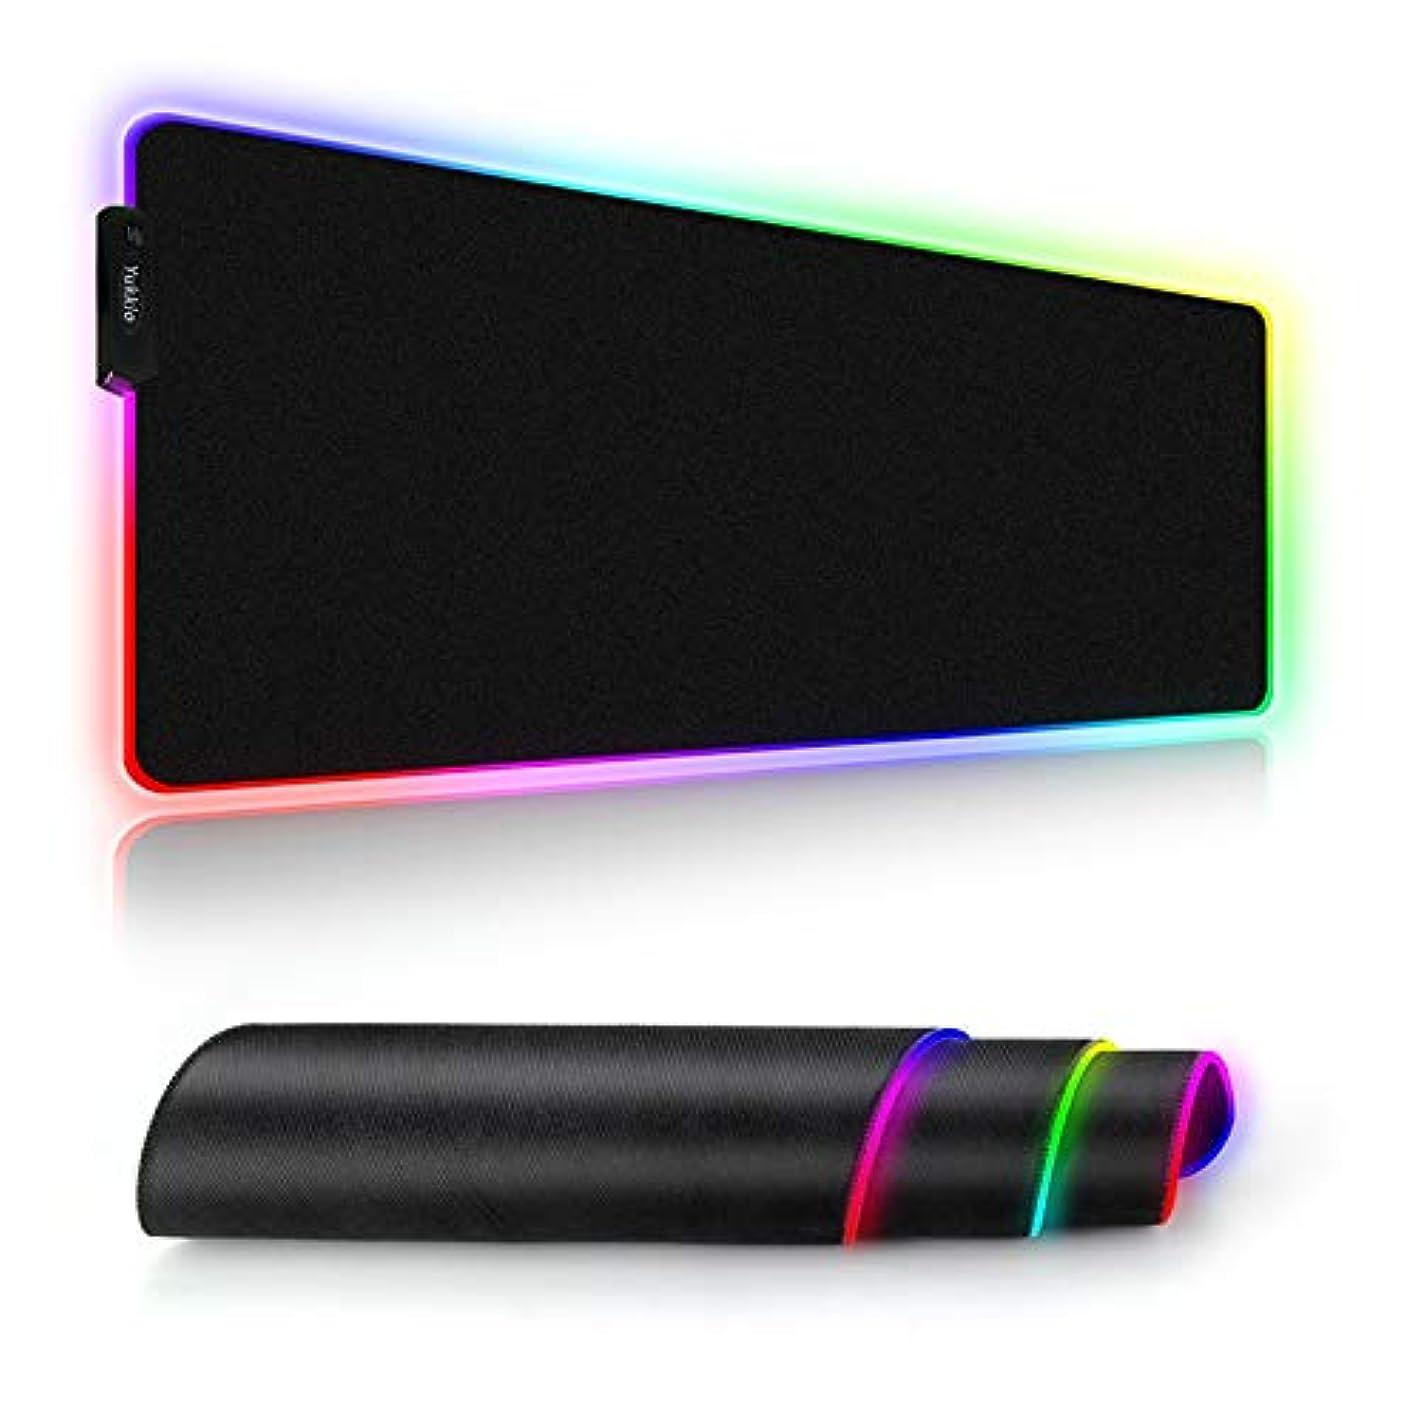 克服する収まる甘やかすマウスパッド 超大型ゲーミングマウスパッド 9モード 7色の発光色 カラフル回転 滑り止め USBケーブル 撥水加工 ゲーマー向け 785mm x 305mm x 4mm 12ヶ月安心保証